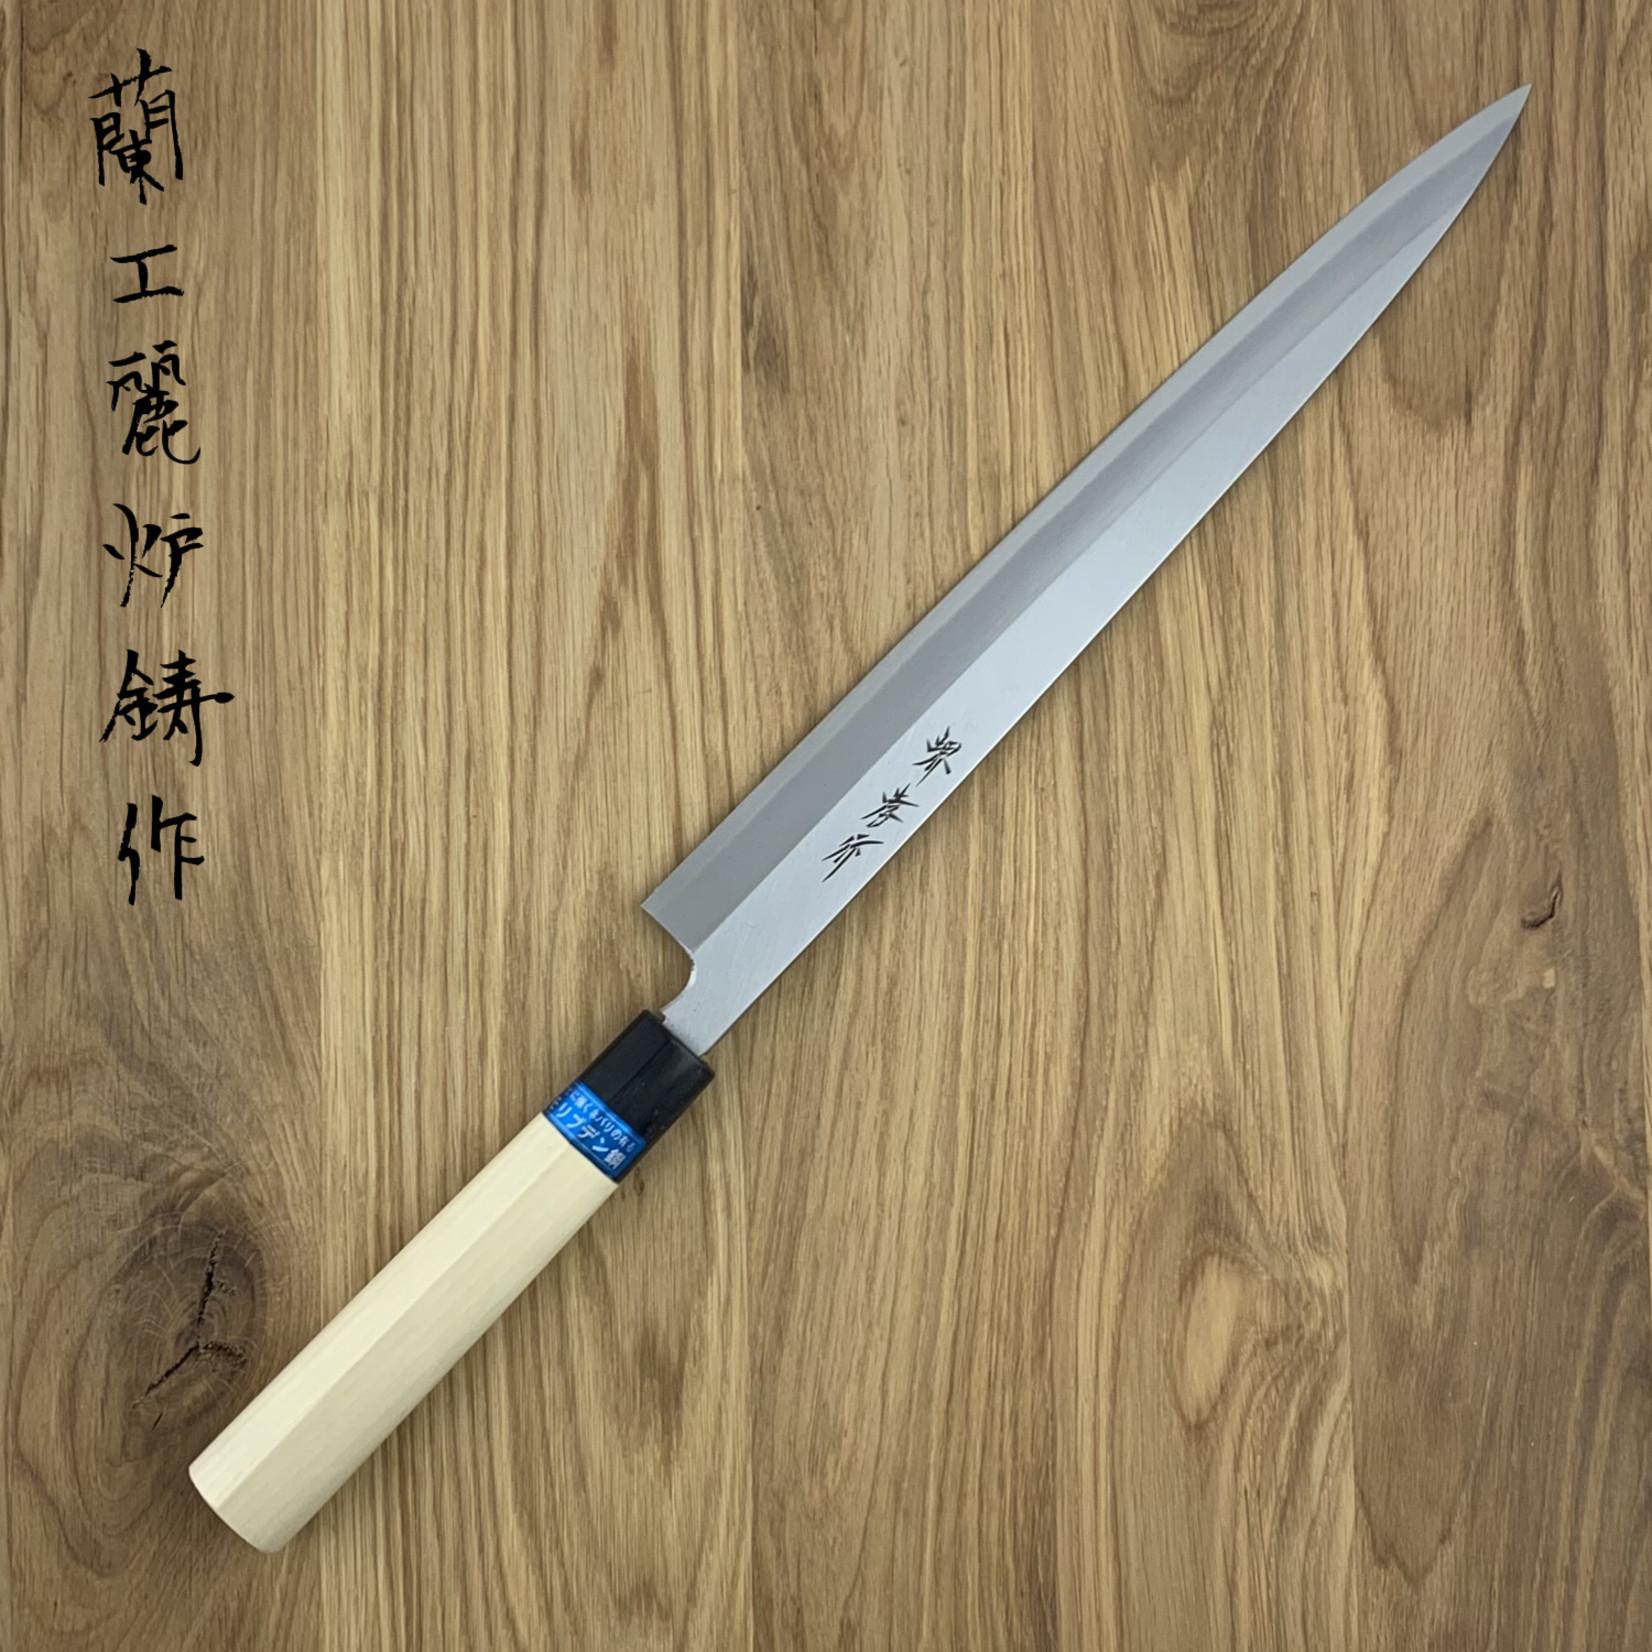 SAKAI TAKAYUKI Yanagiba 300 mm links Inox 04305